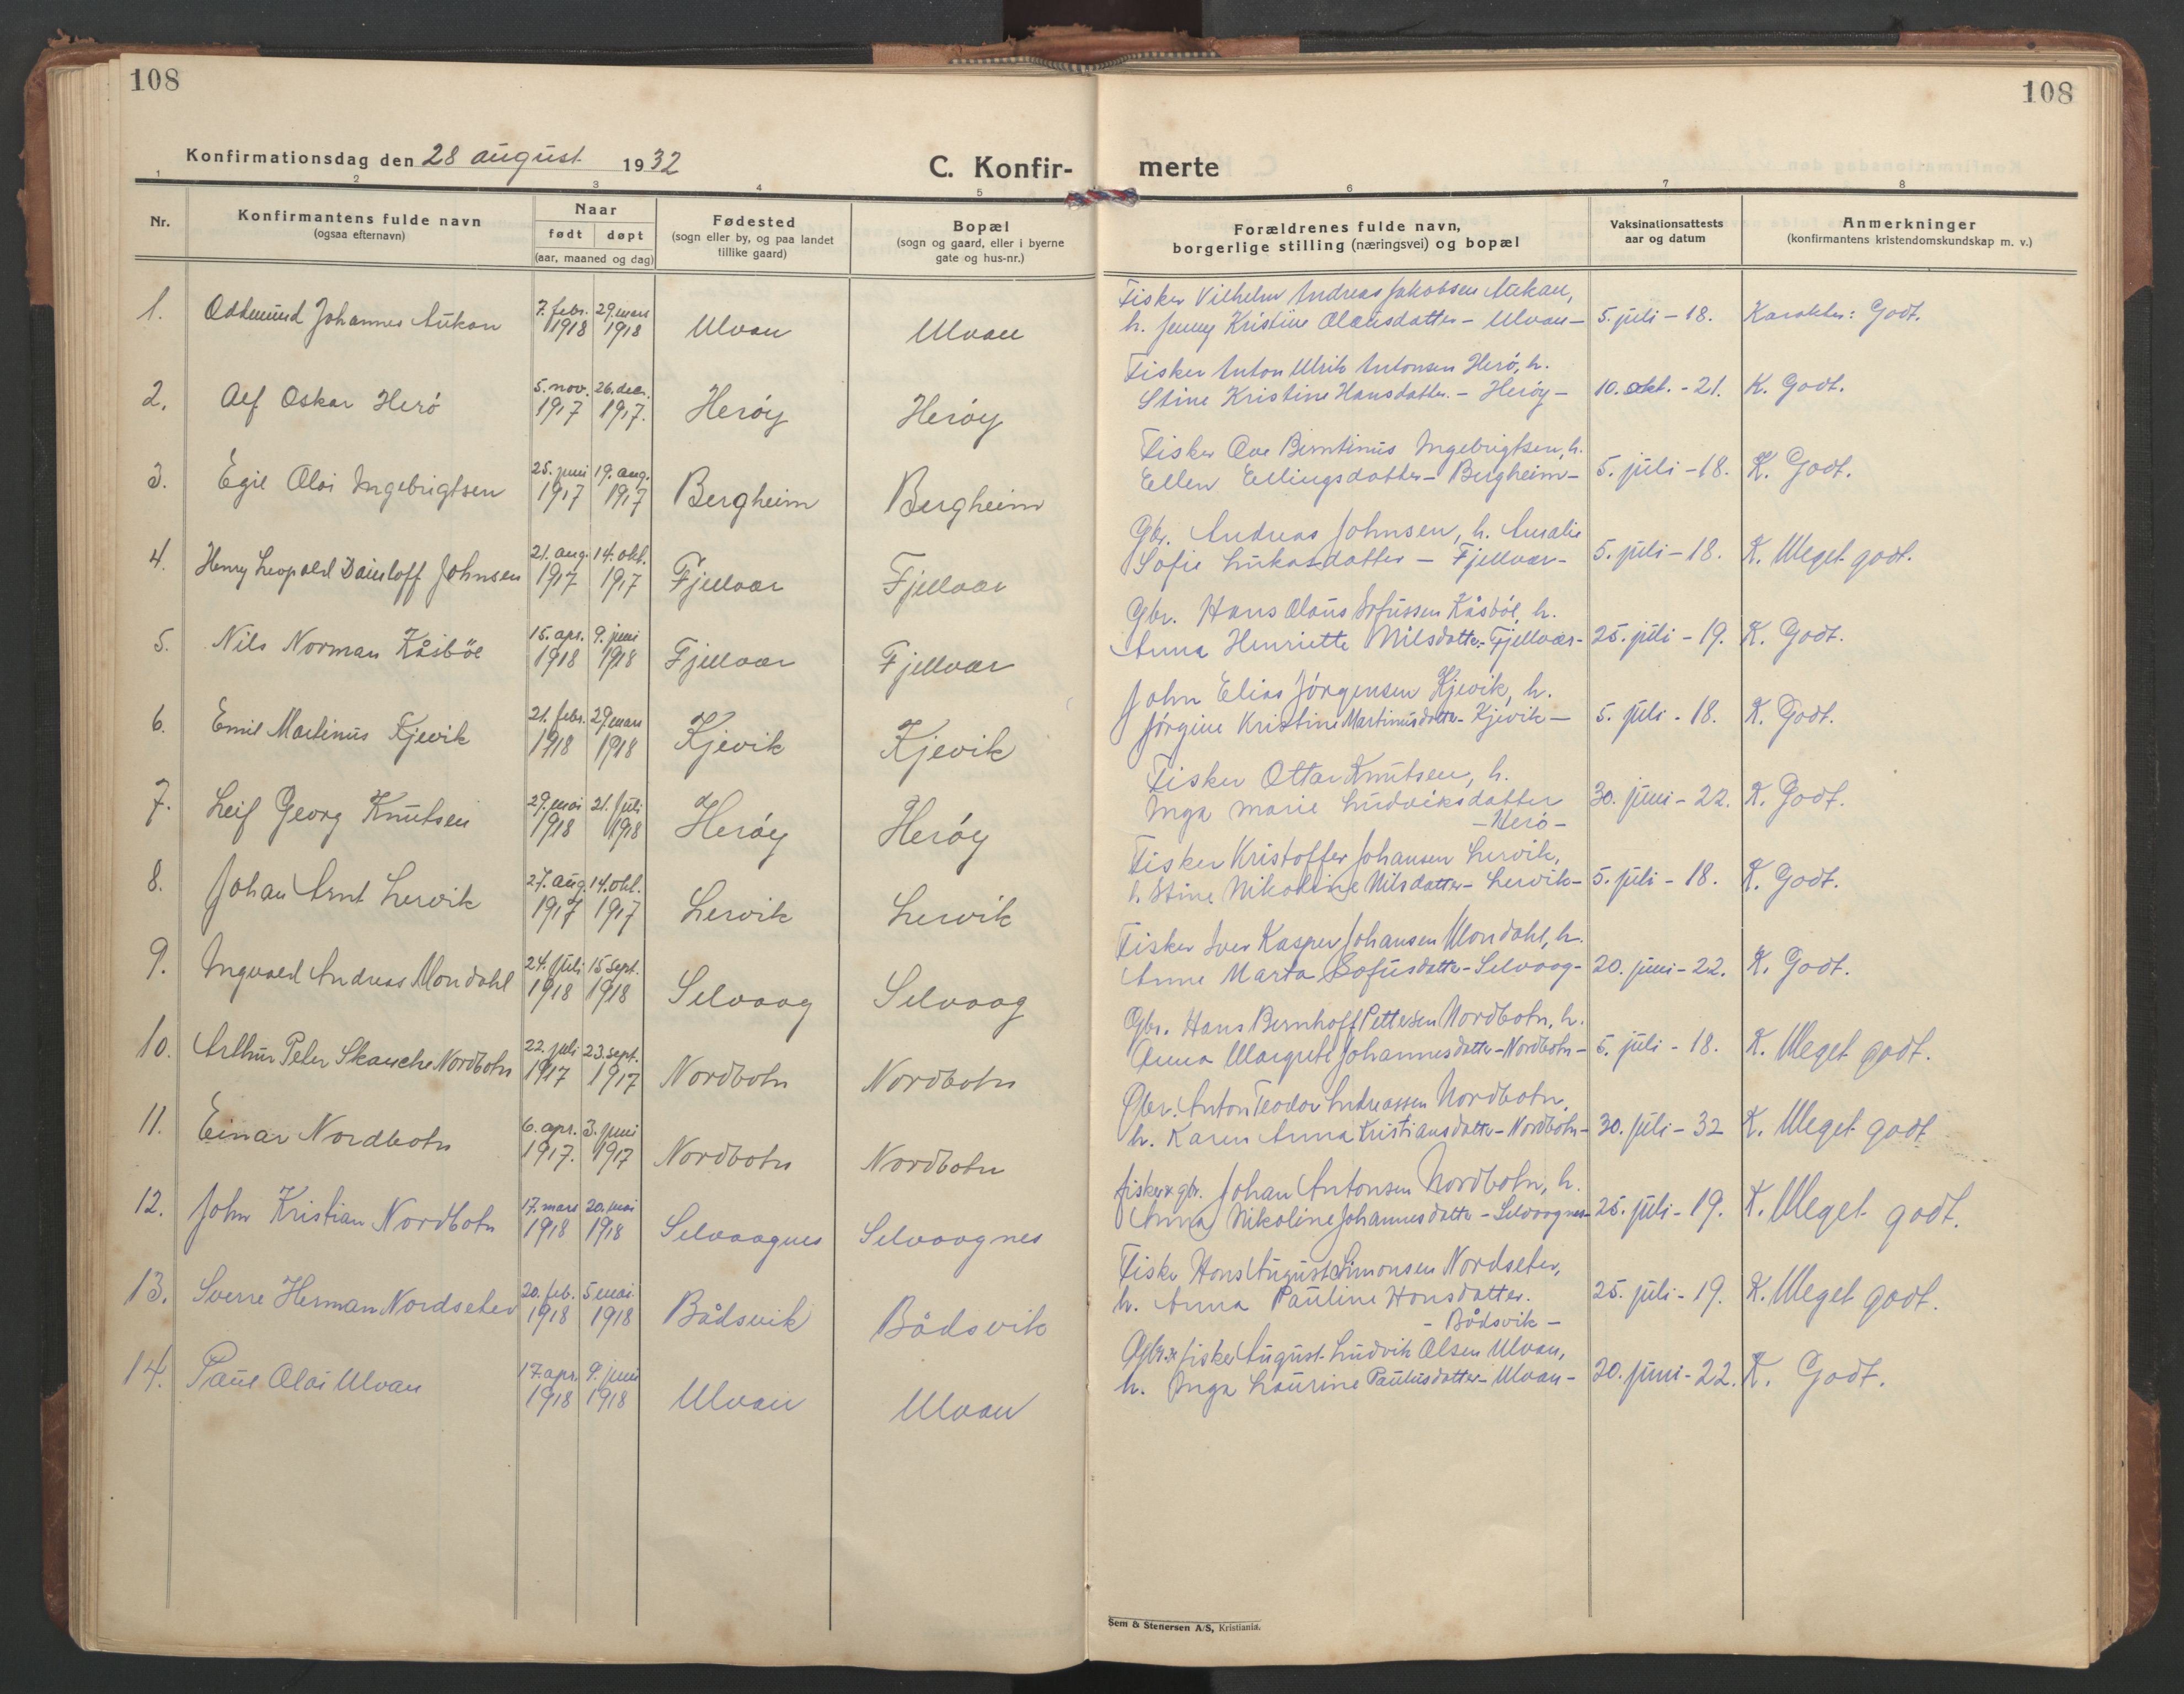 SAT, Ministerialprotokoller, klokkerbøker og fødselsregistre - Sør-Trøndelag, 638/L0569: Klokkerbok nr. 638C01, 1923-1961, s. 108